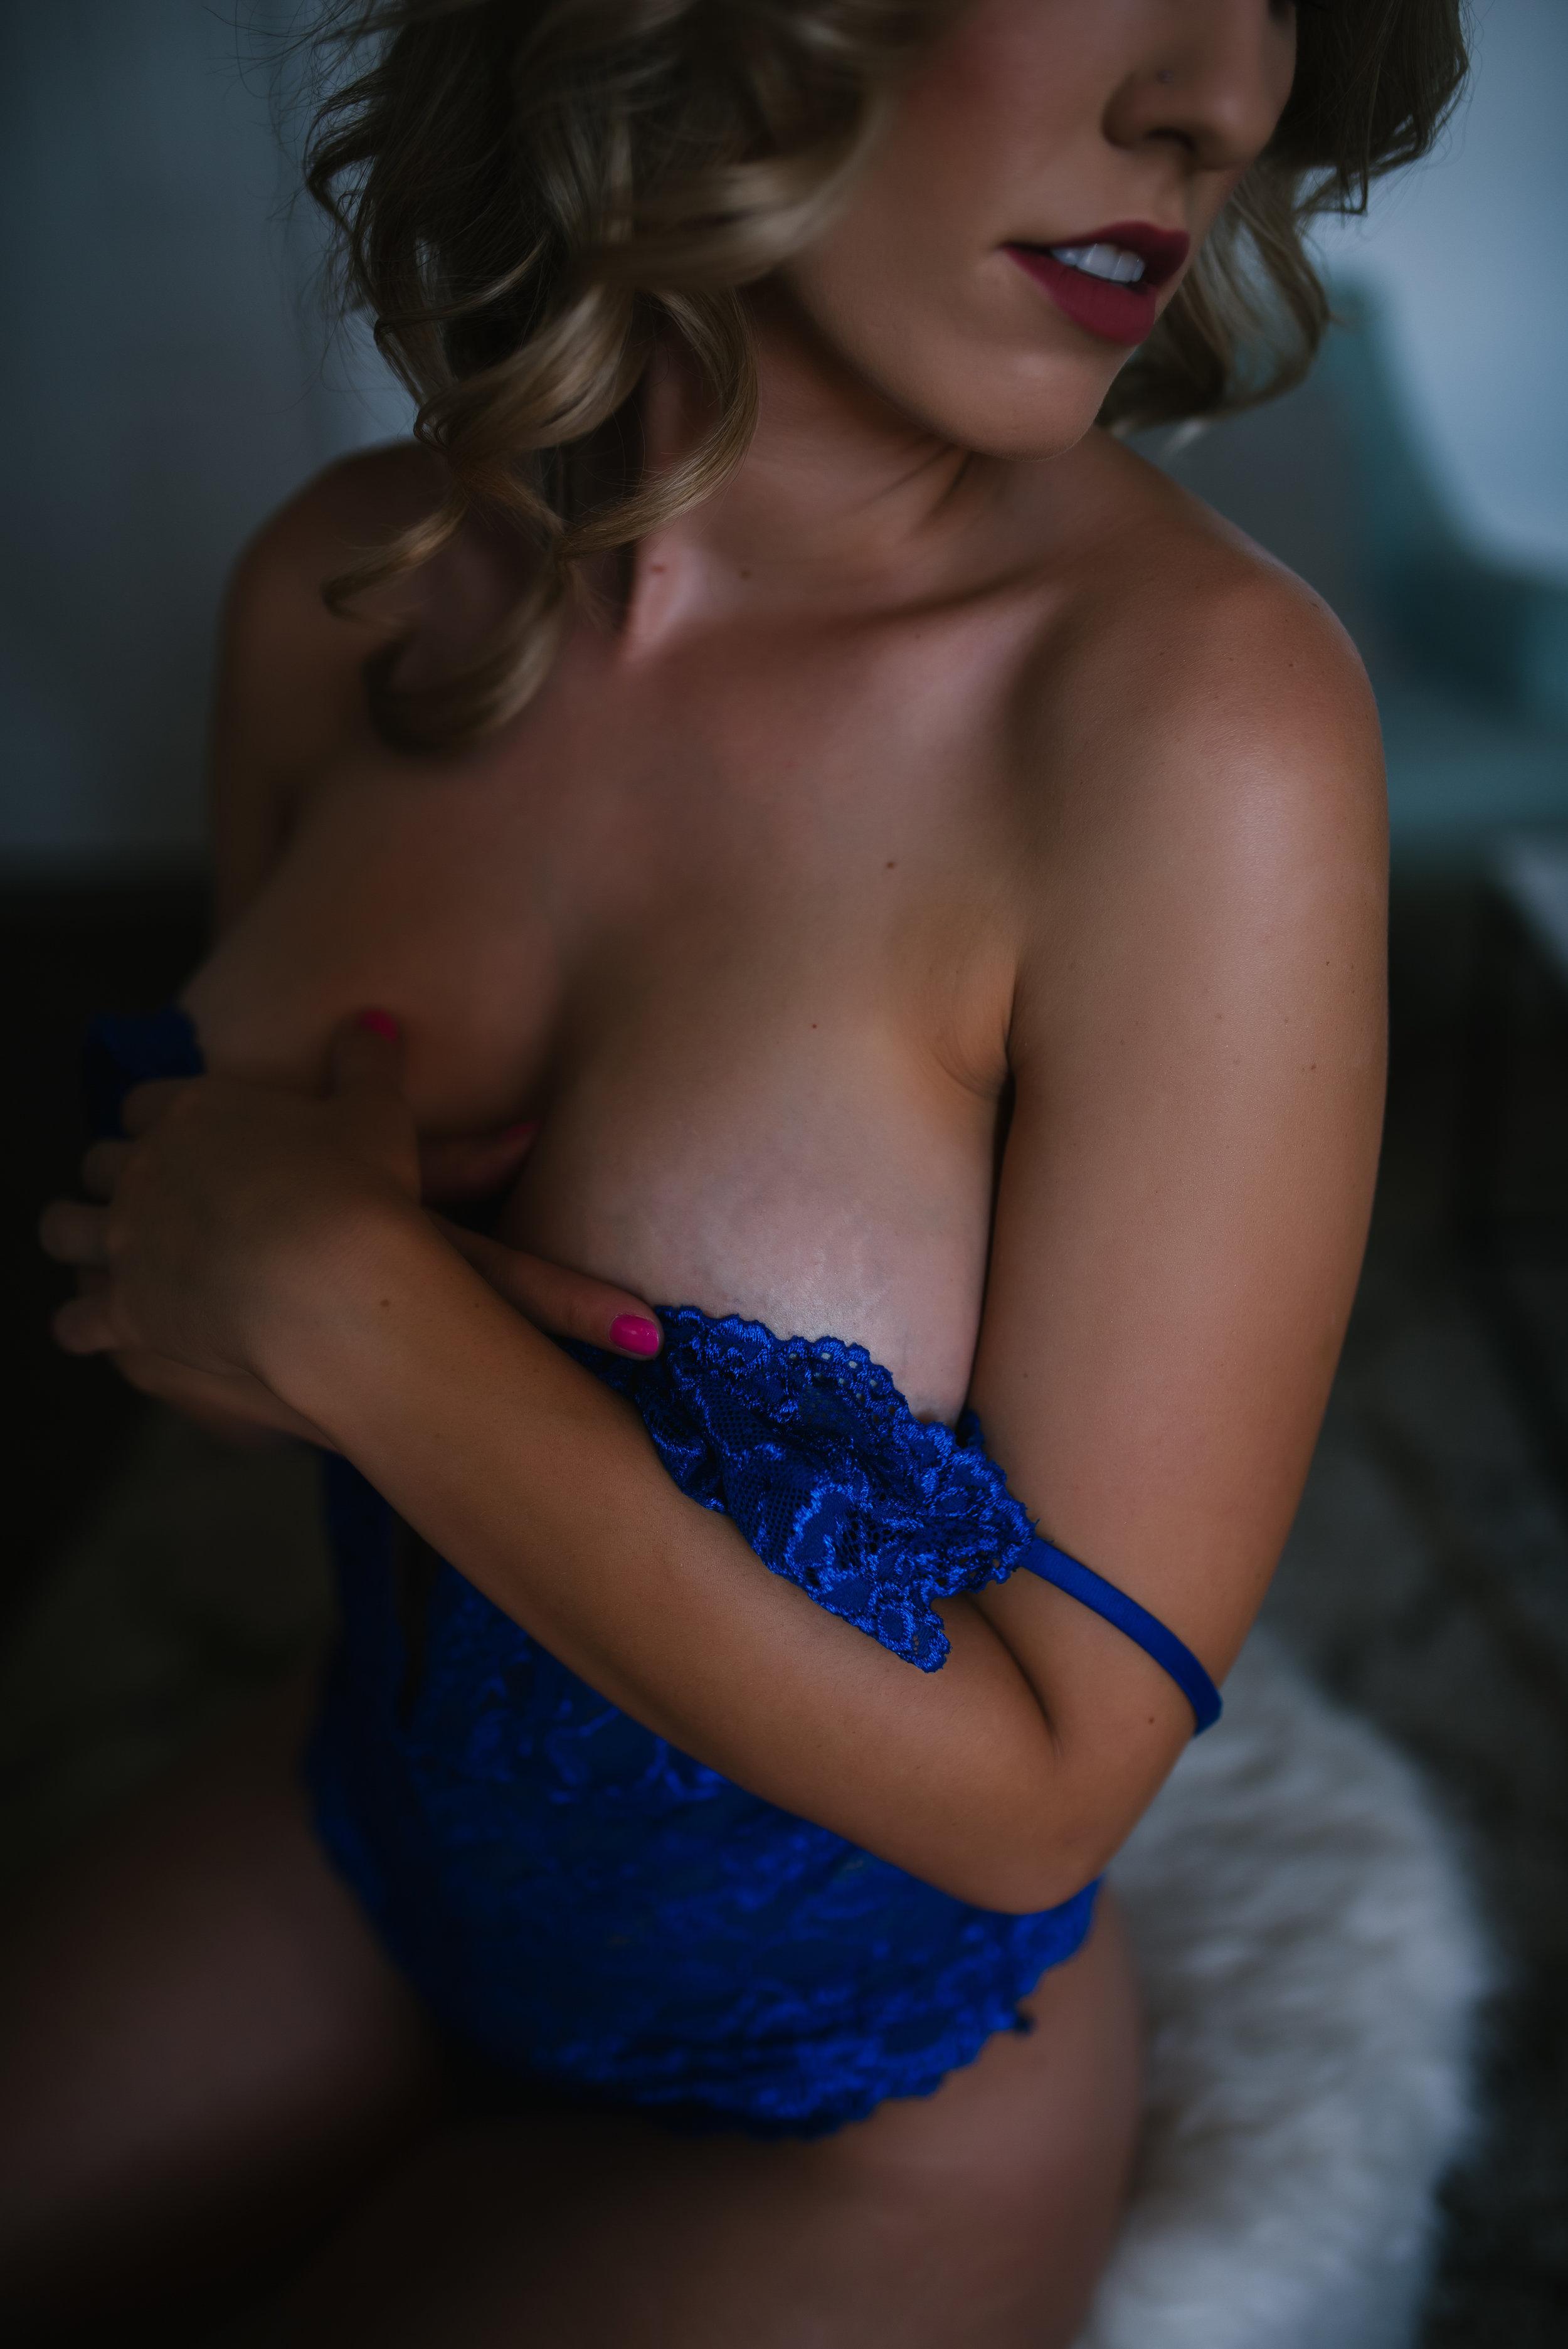 dallas-sexy-photos